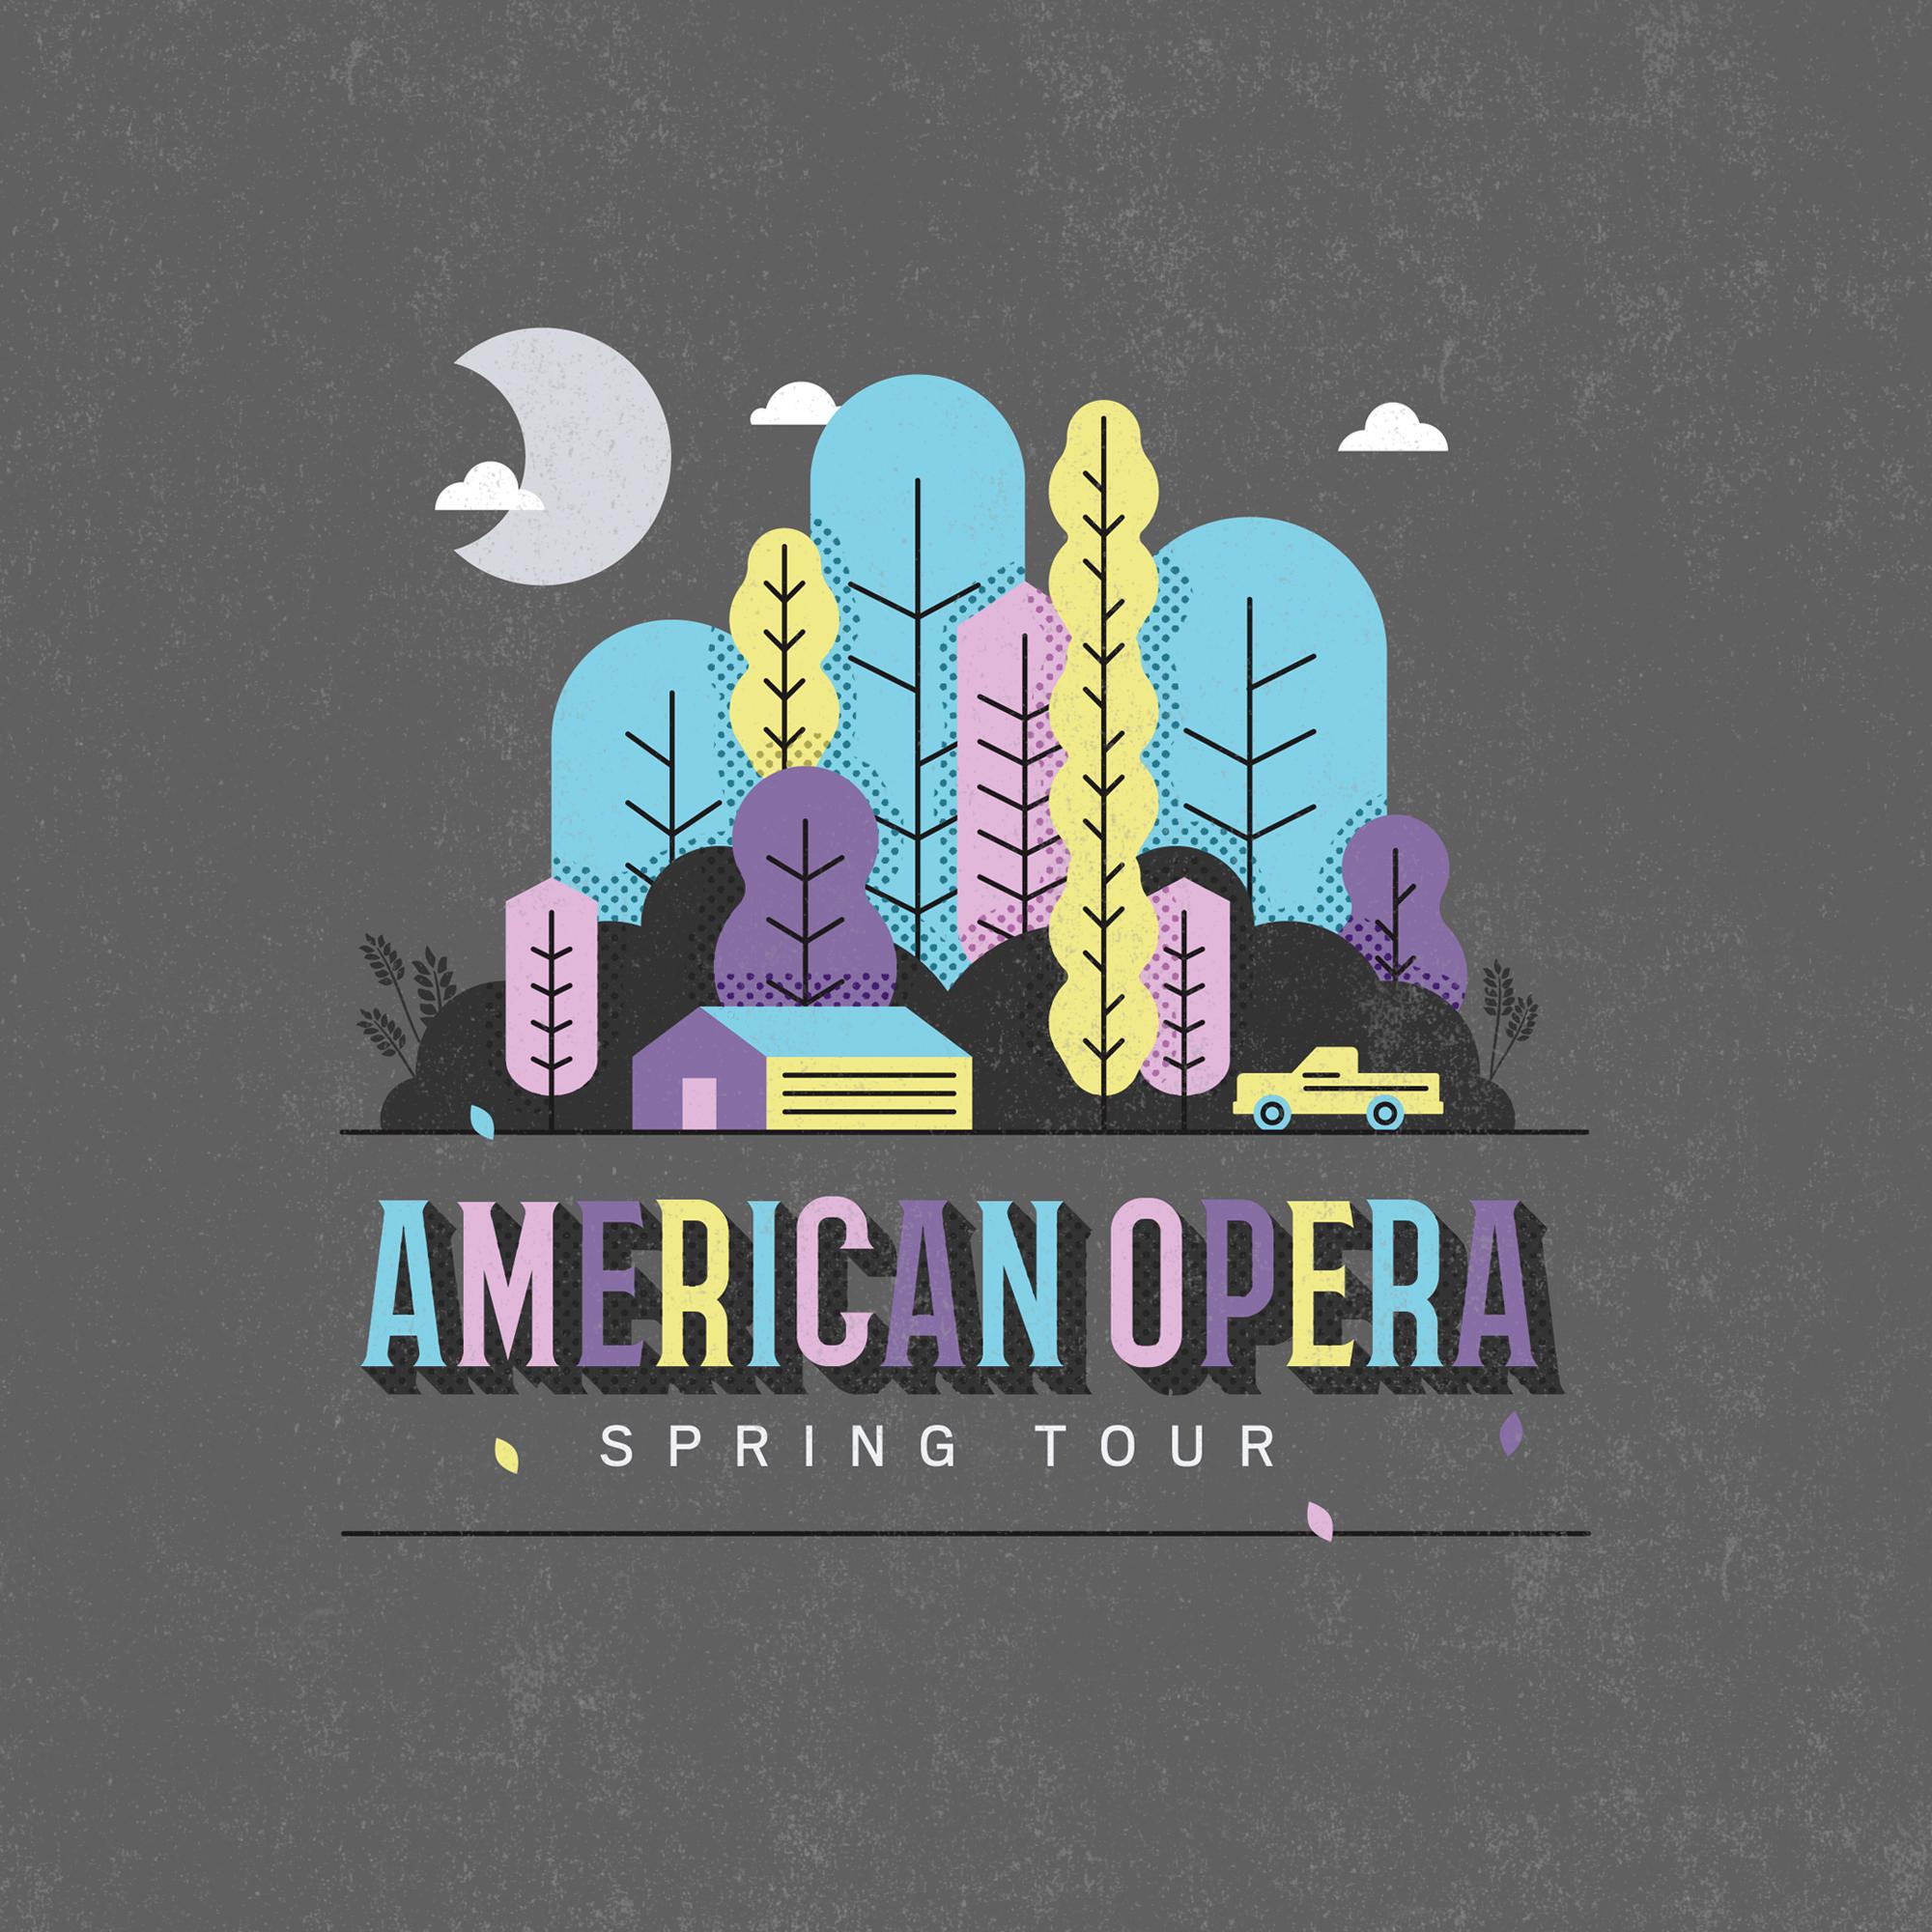 American-Opera_Spring-Tour_Hero.png